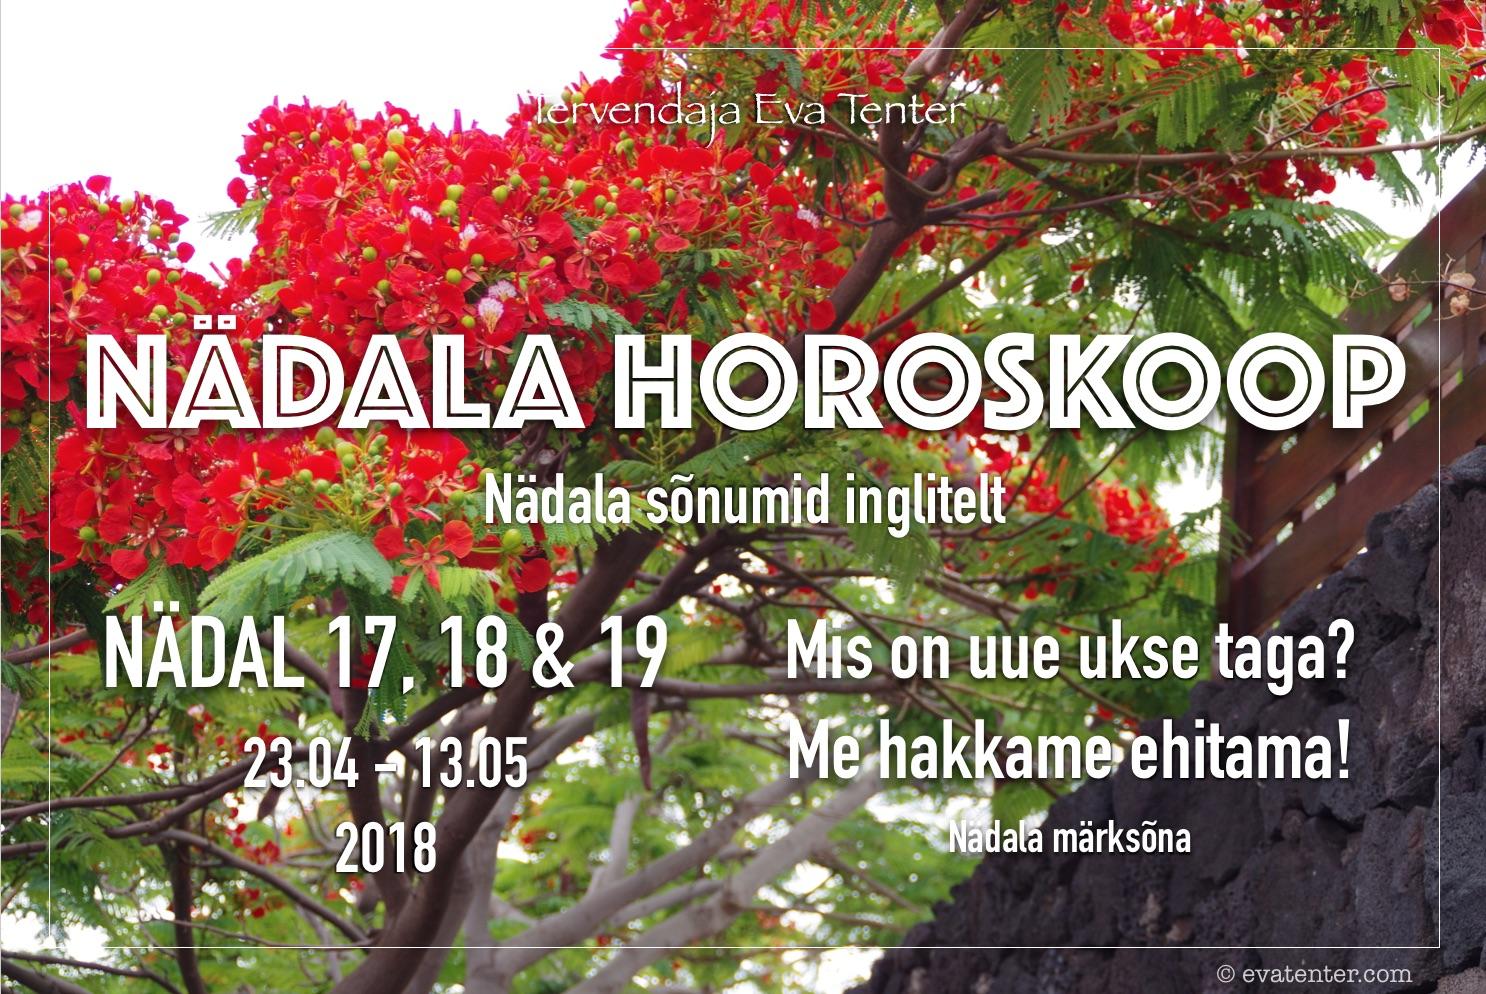 Nädala horoskoop 23.04-13.05.2018 (ehk erandina kolme nädala horoskoop)